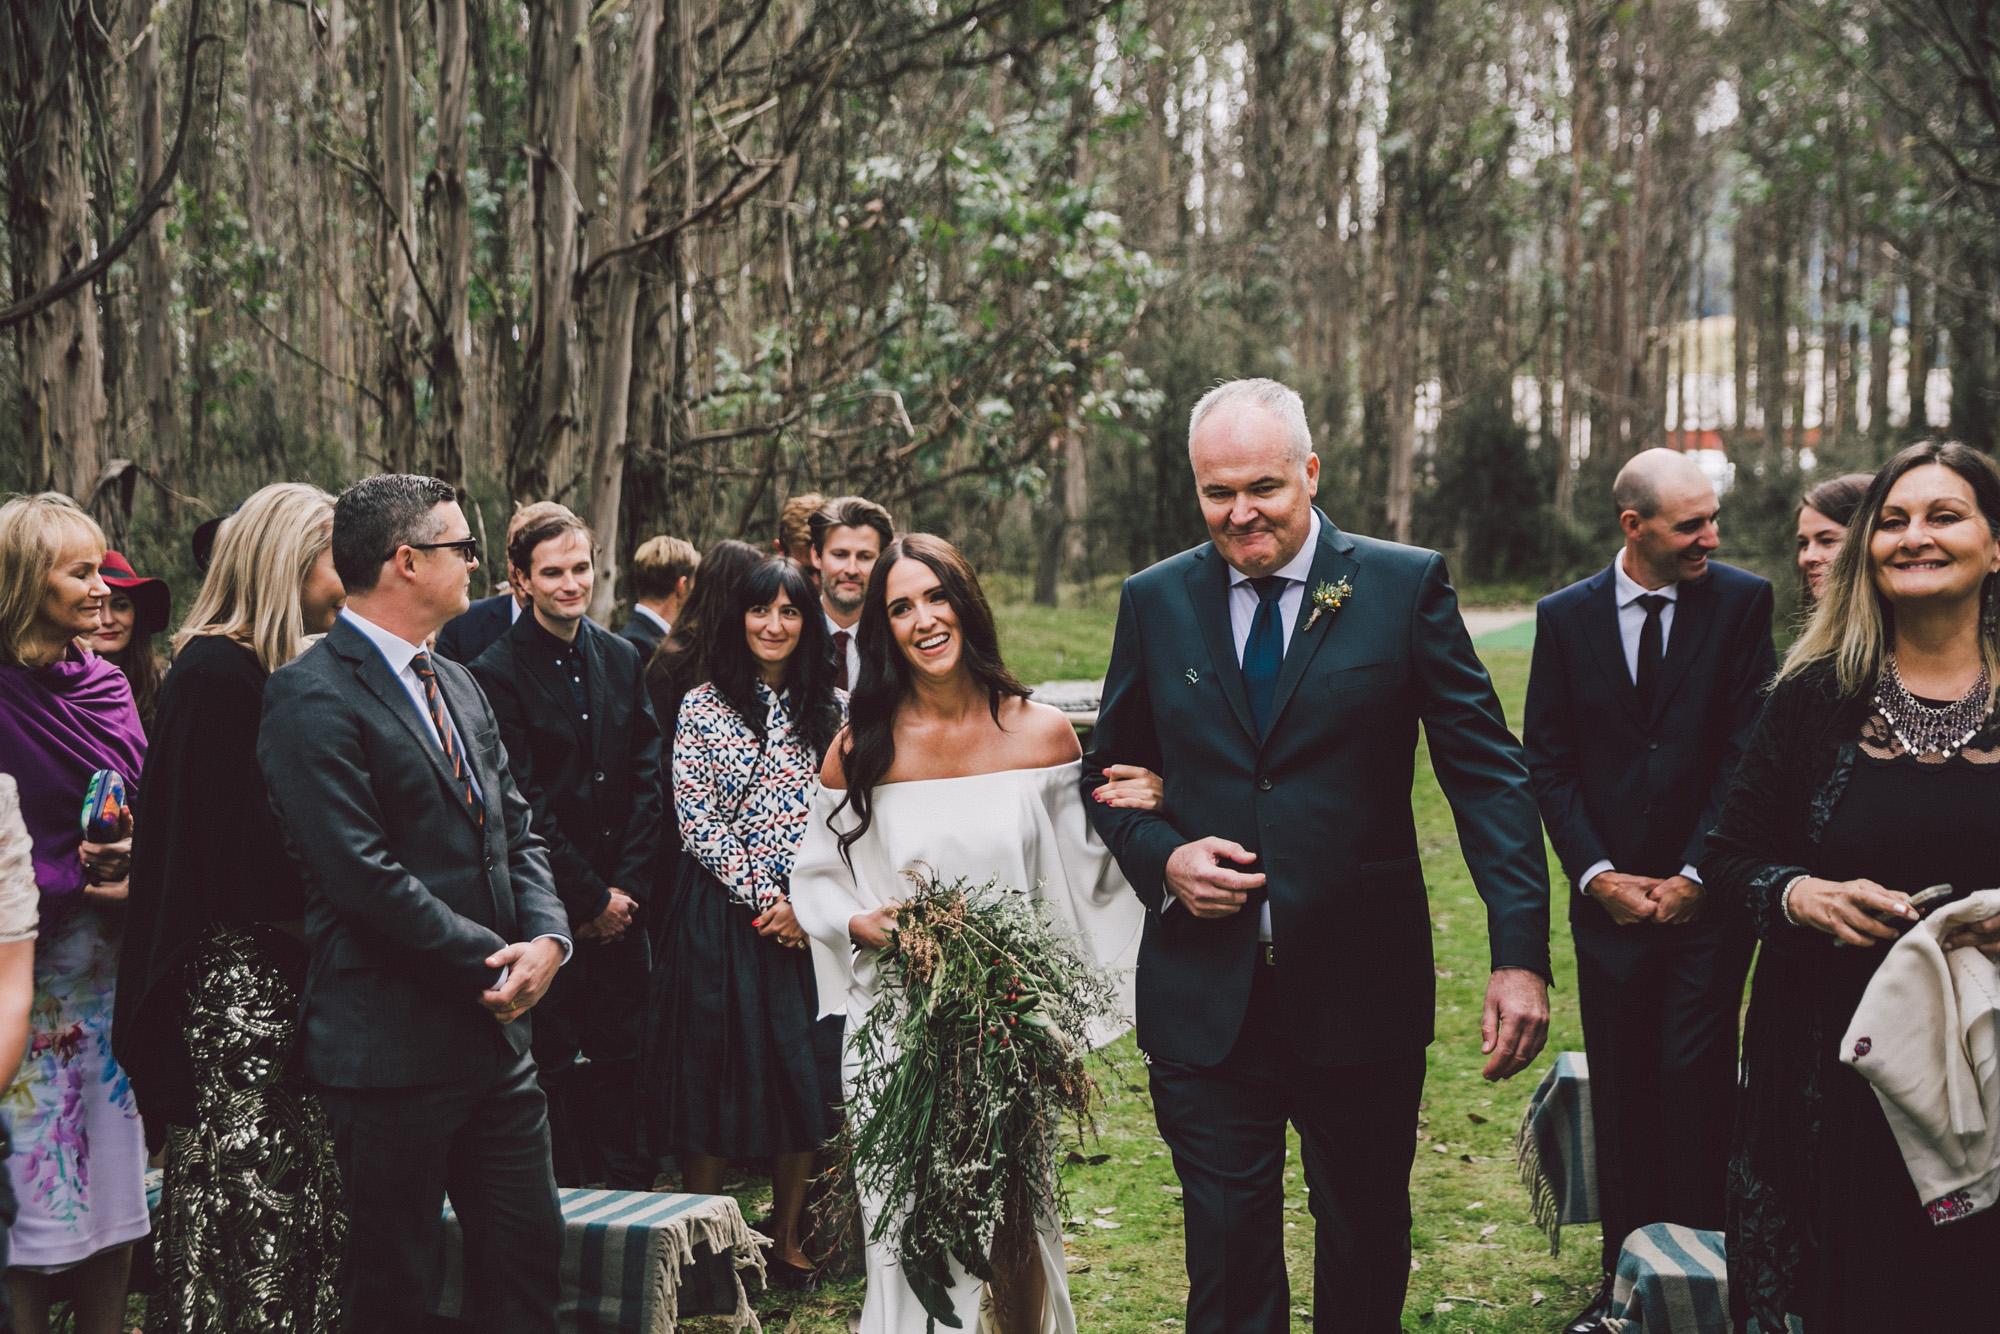 Poronui_Wedding_Sarah_McEvoy_046.jpg